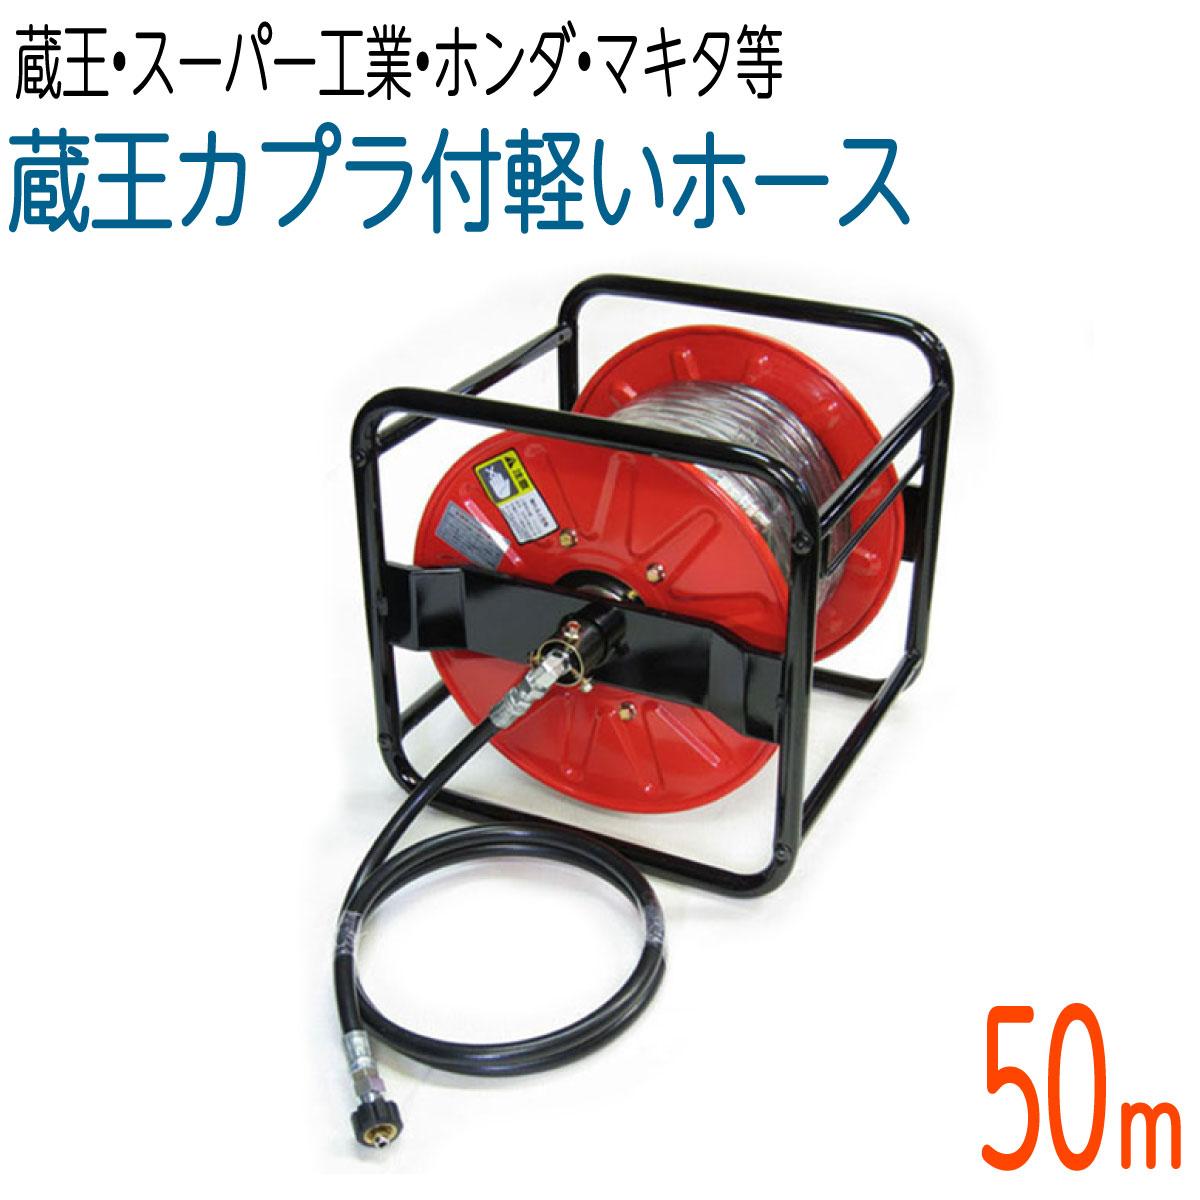 大好評 【50M】軽いホース リール巻 蔵王産業(エンジン式)・スーパー工業対応カプラ付き